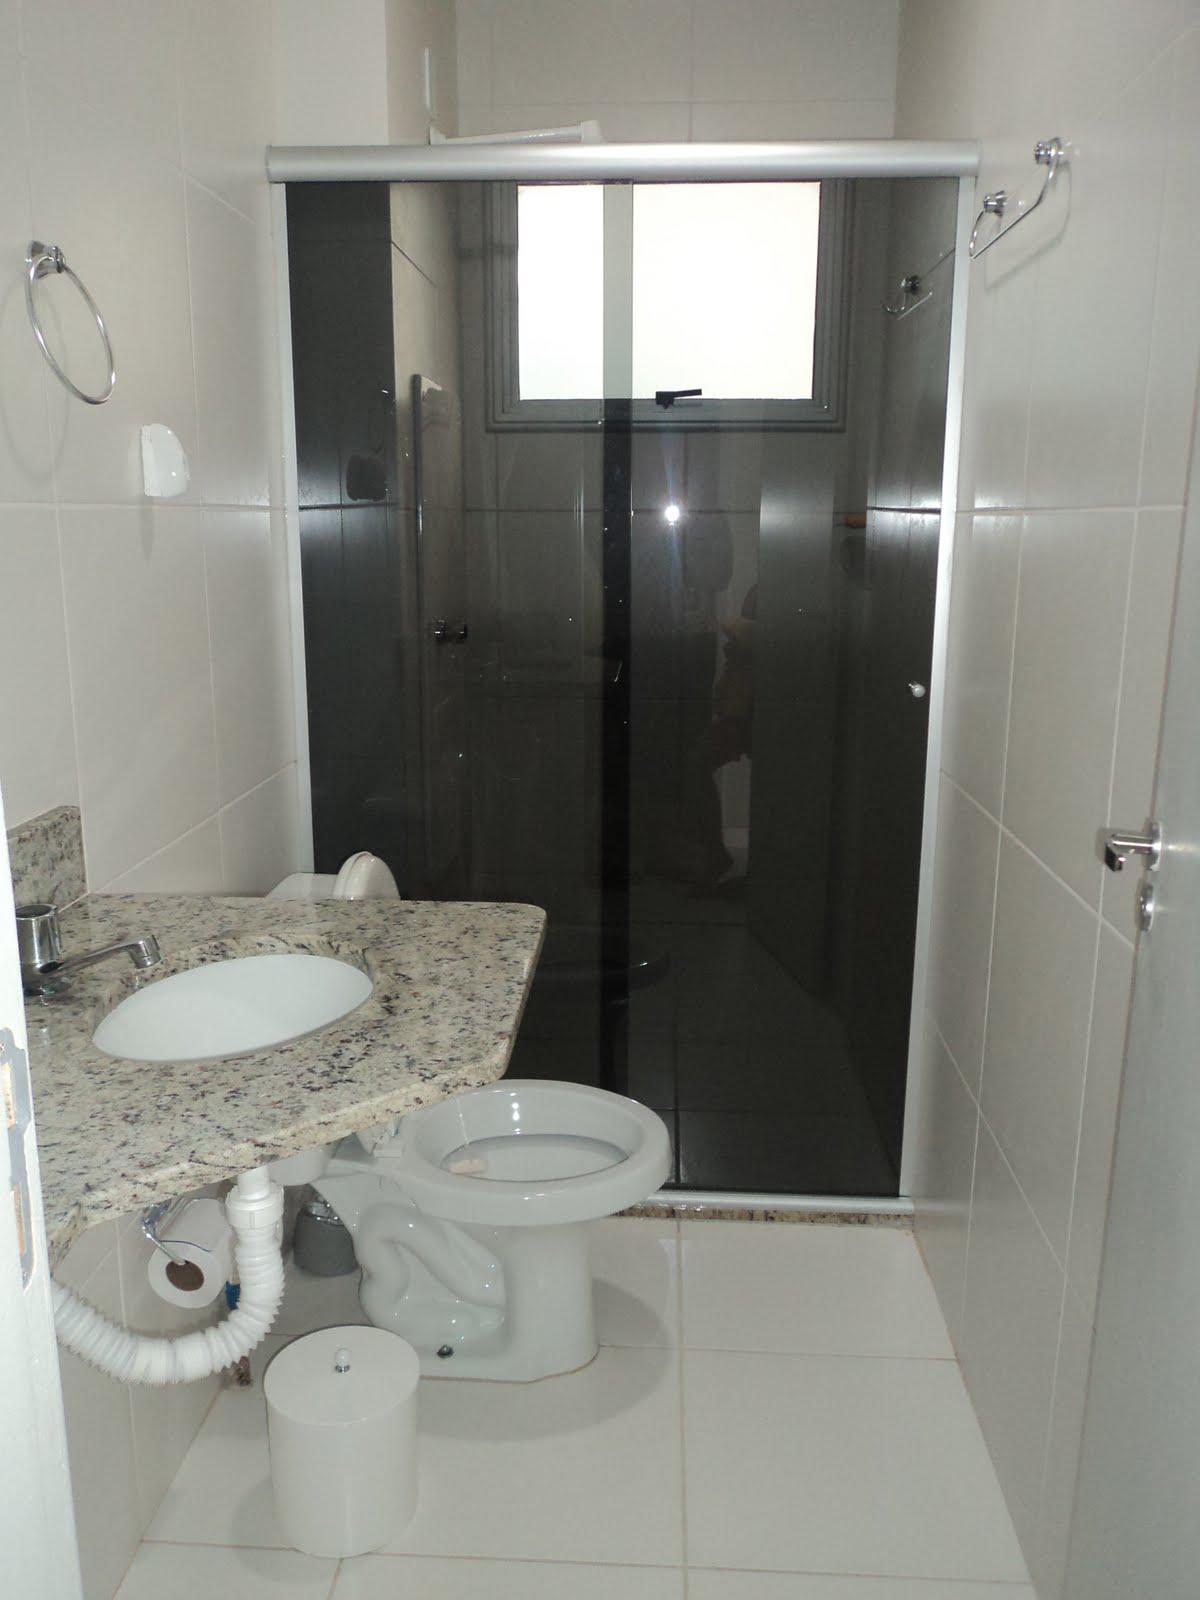 Meu Banheiro Antes E Depois  cgafghanscom banheiros pequenos e modernos -> Meu Banheiro Moderno